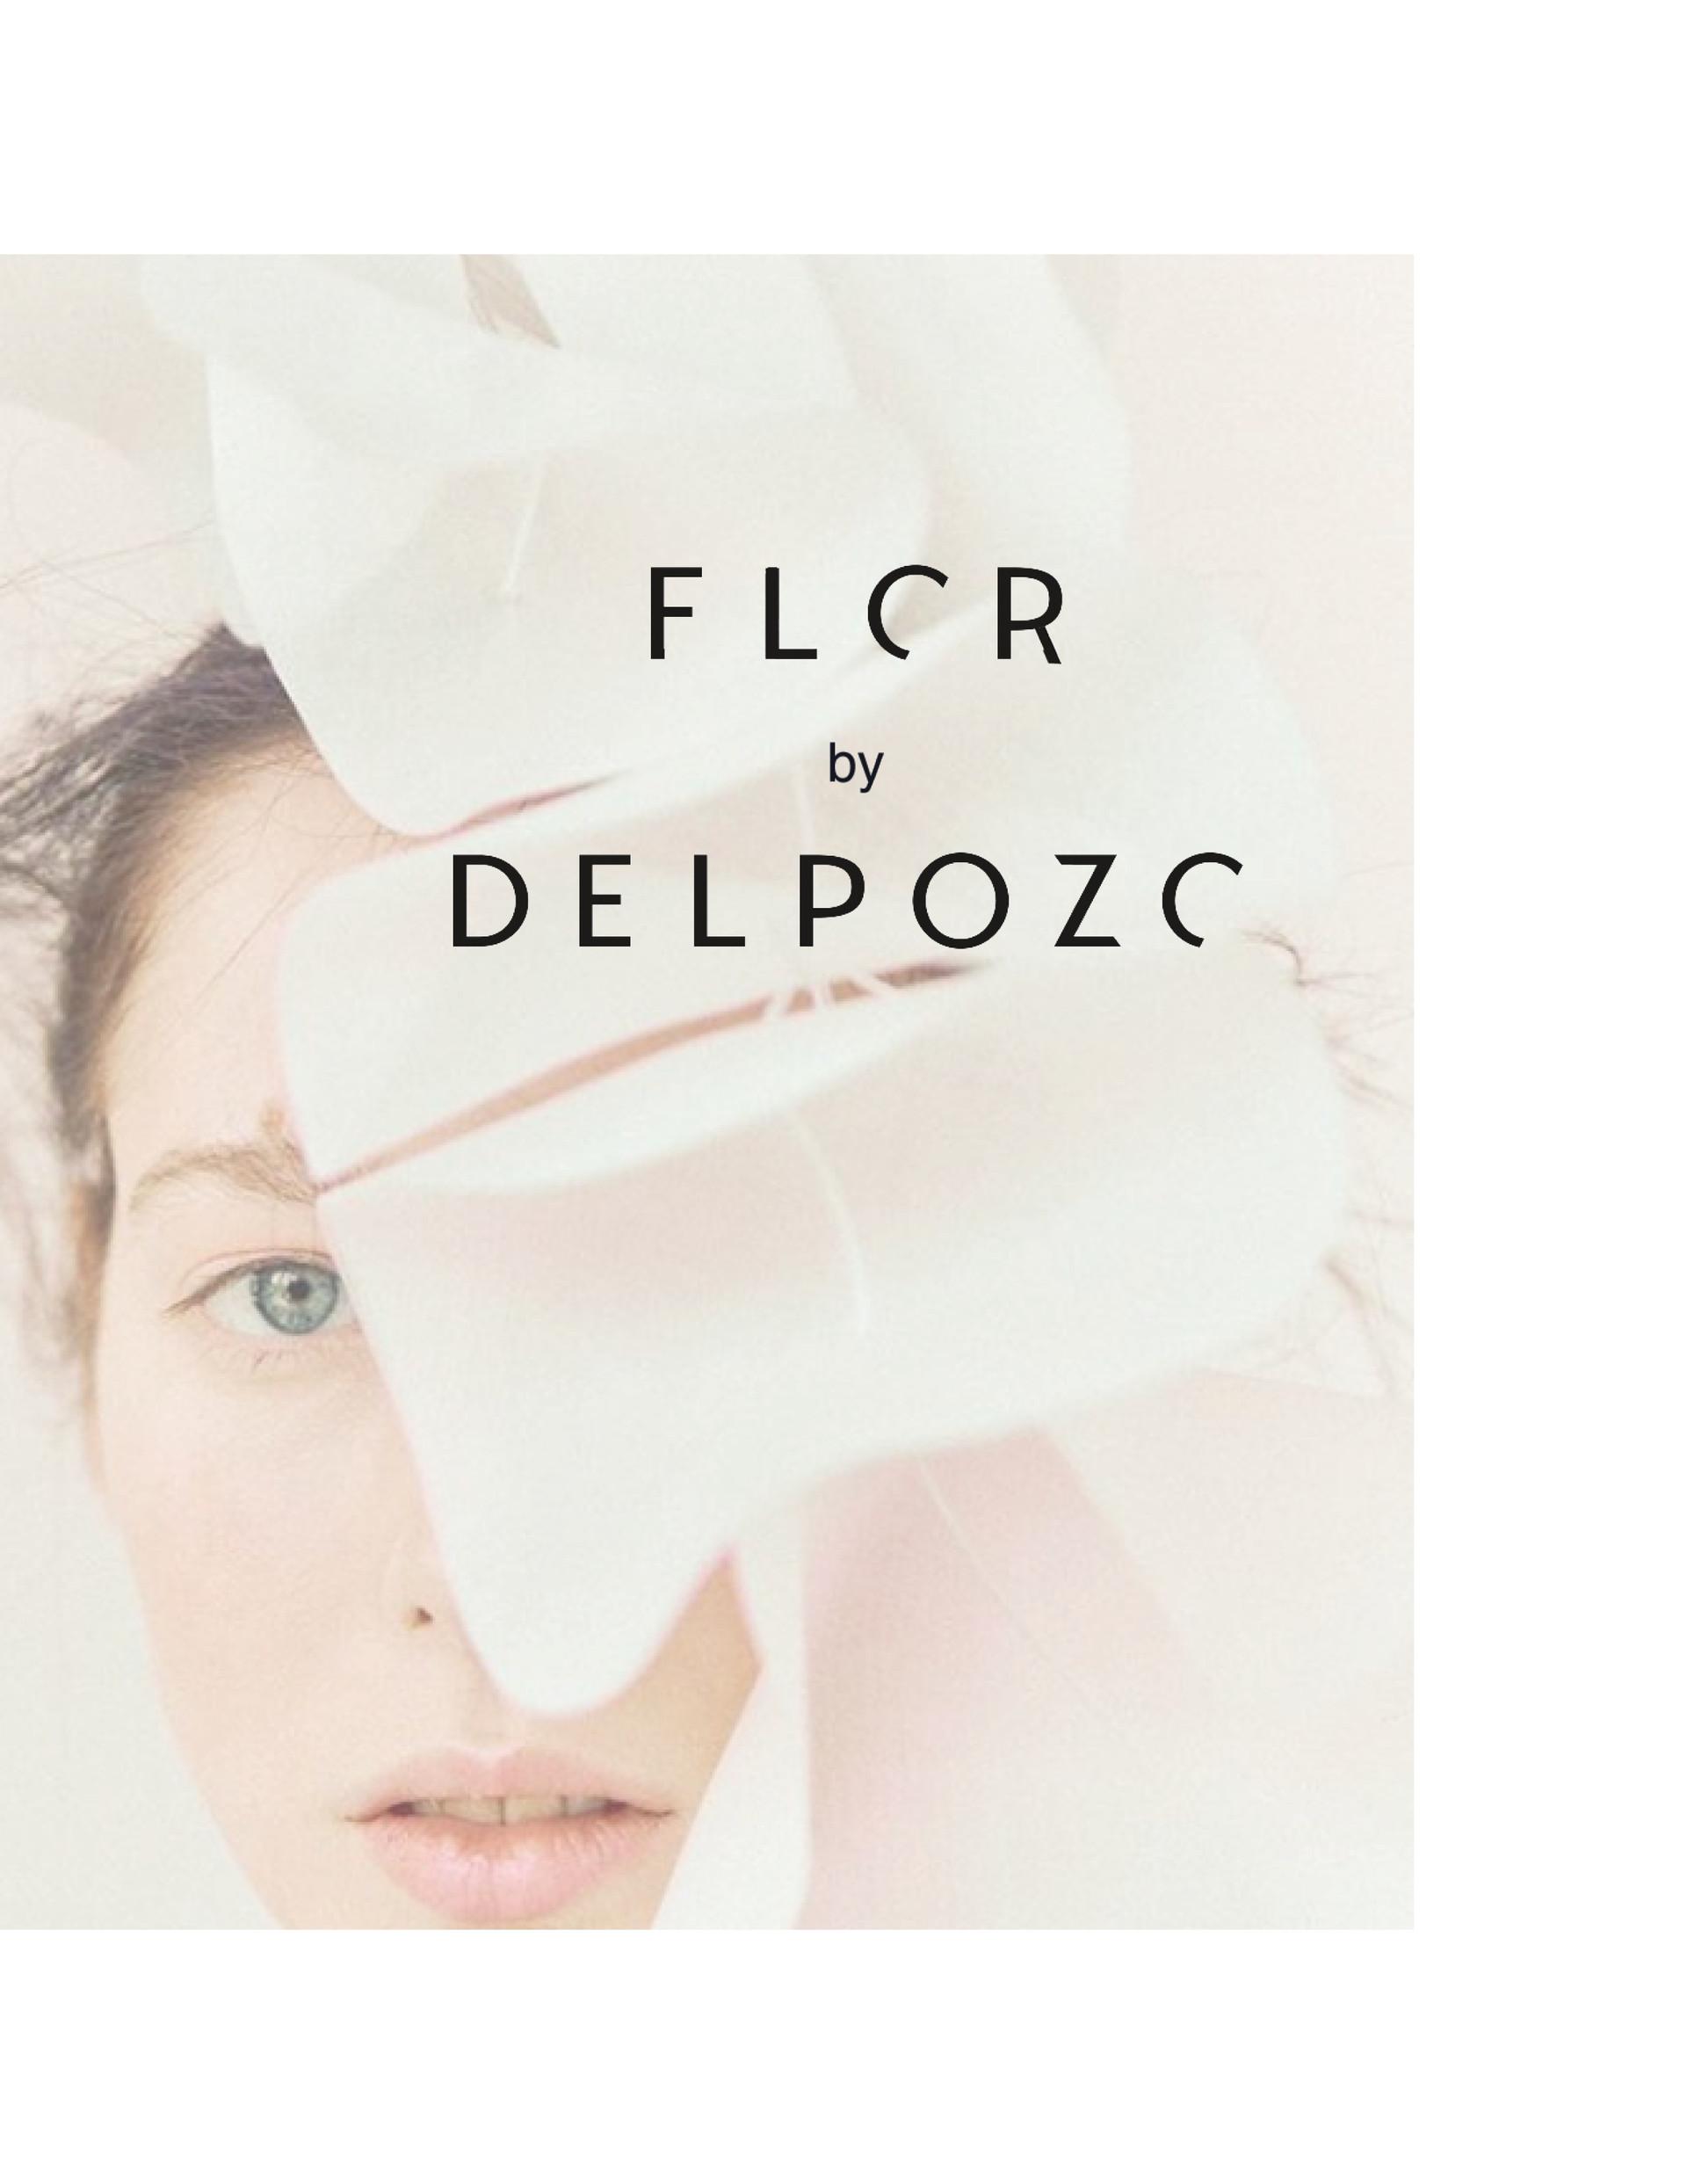 Flor by Delpozo